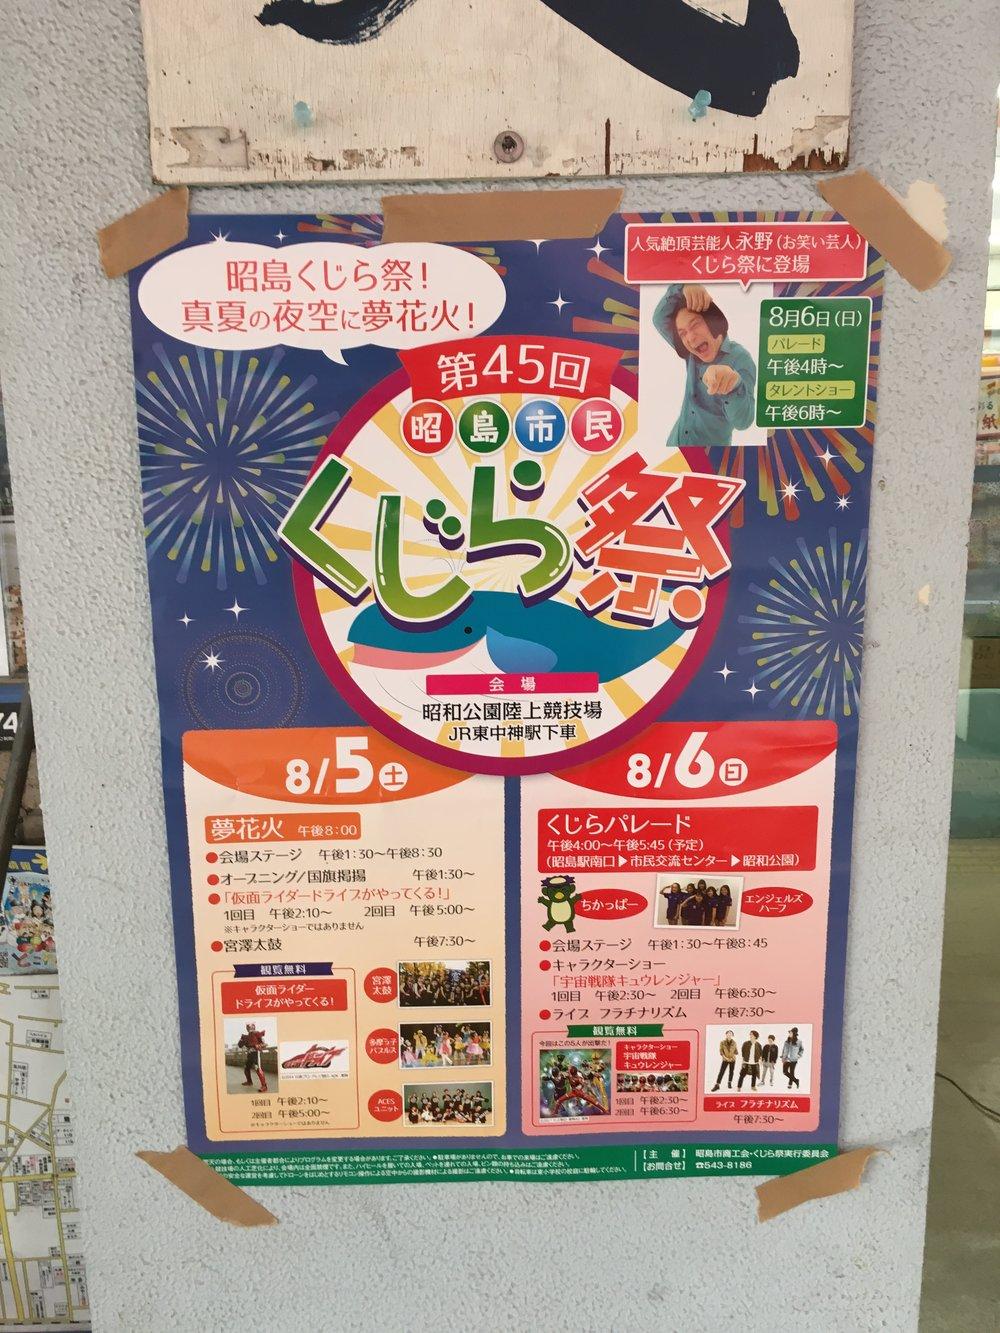 2017 Kujira Matsuri poster (昭島くじら祭)